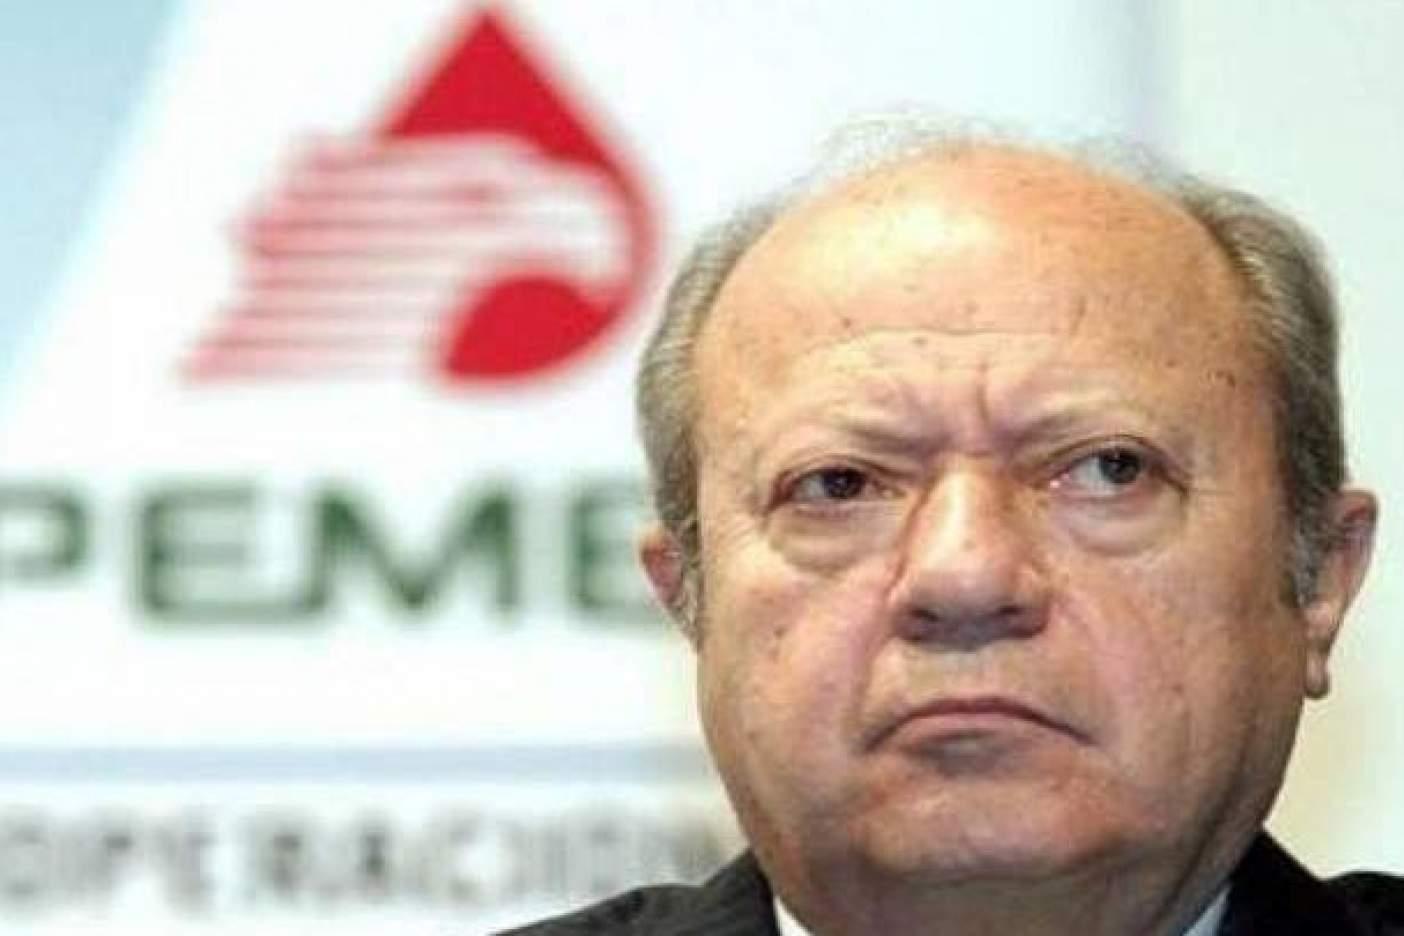 Romero Deschamps detención